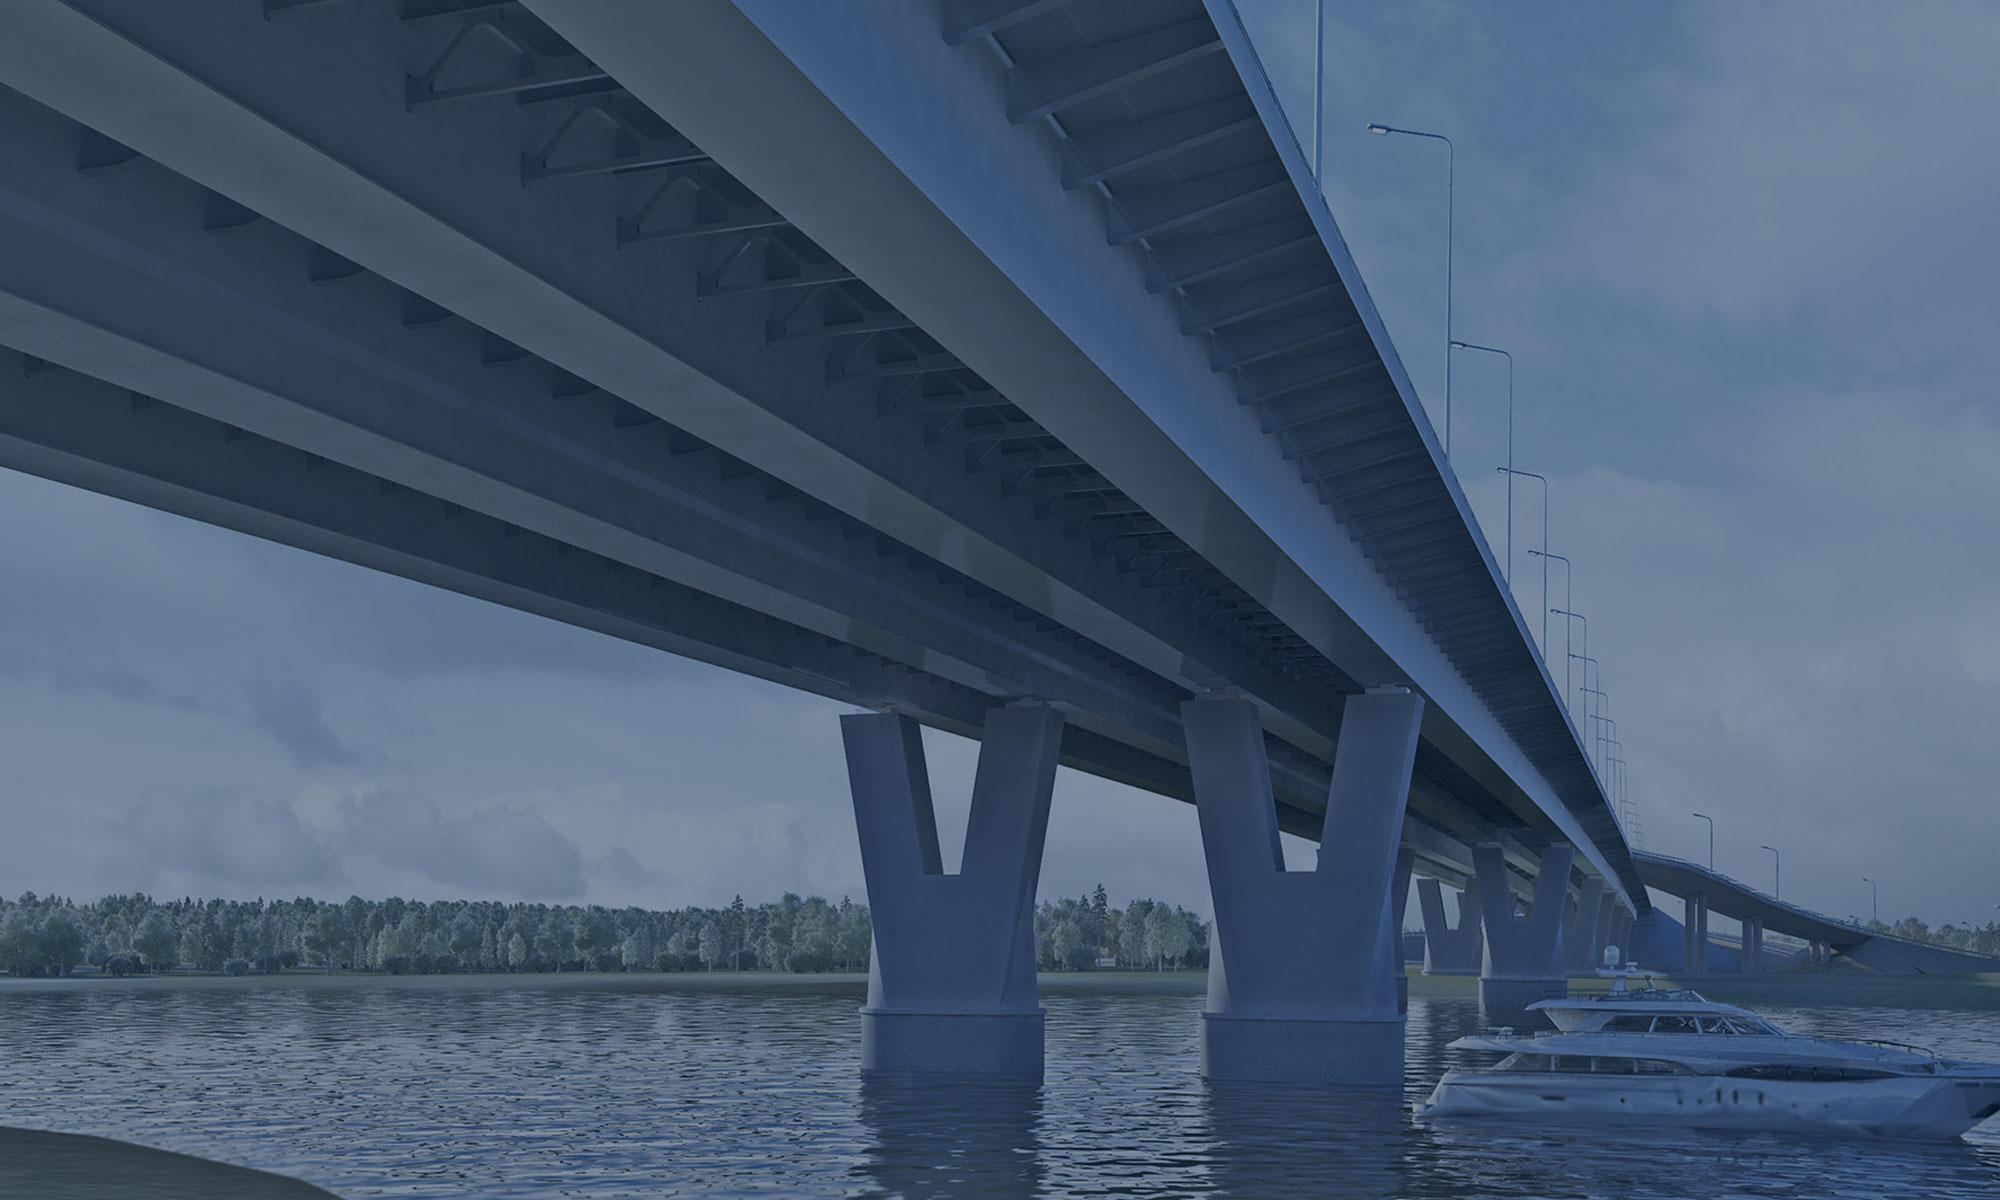 Реконструкция мостового перехода через реку Волхов на км 122+085 автомобильной дороги М-18 «Кола» в Ленинградской области